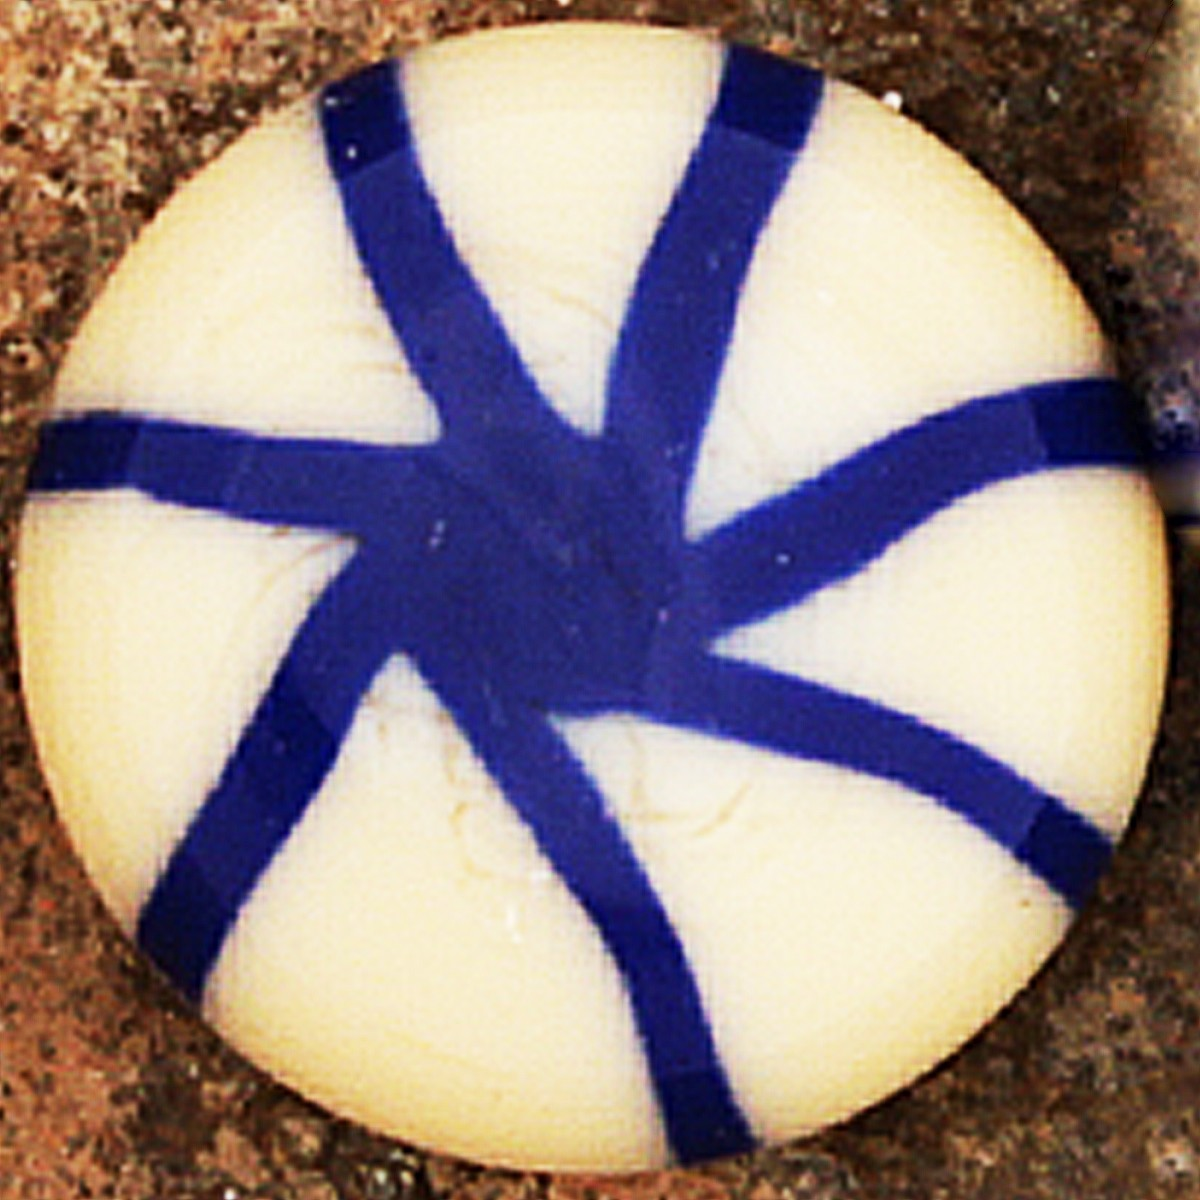 marfil claro con rayas lapislázuli dibujando asterisco